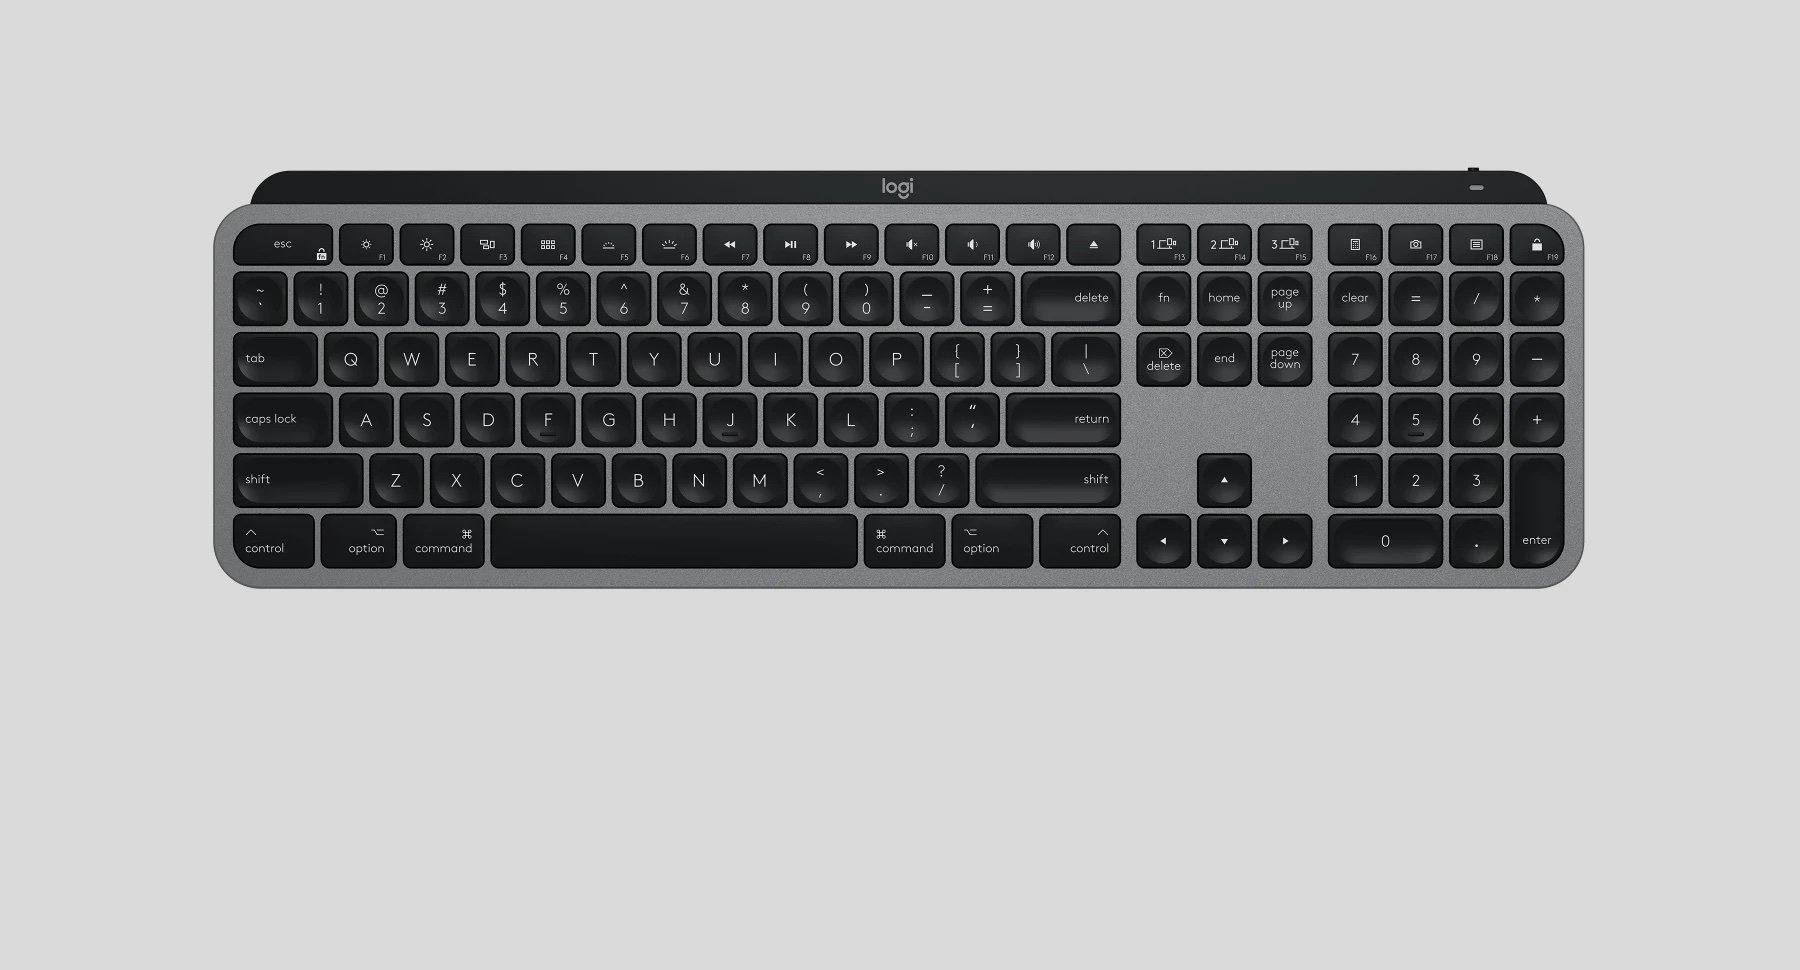 Logitech ra mắt bàn phím dành cho máy tính Mac với tên gọi MX Keys